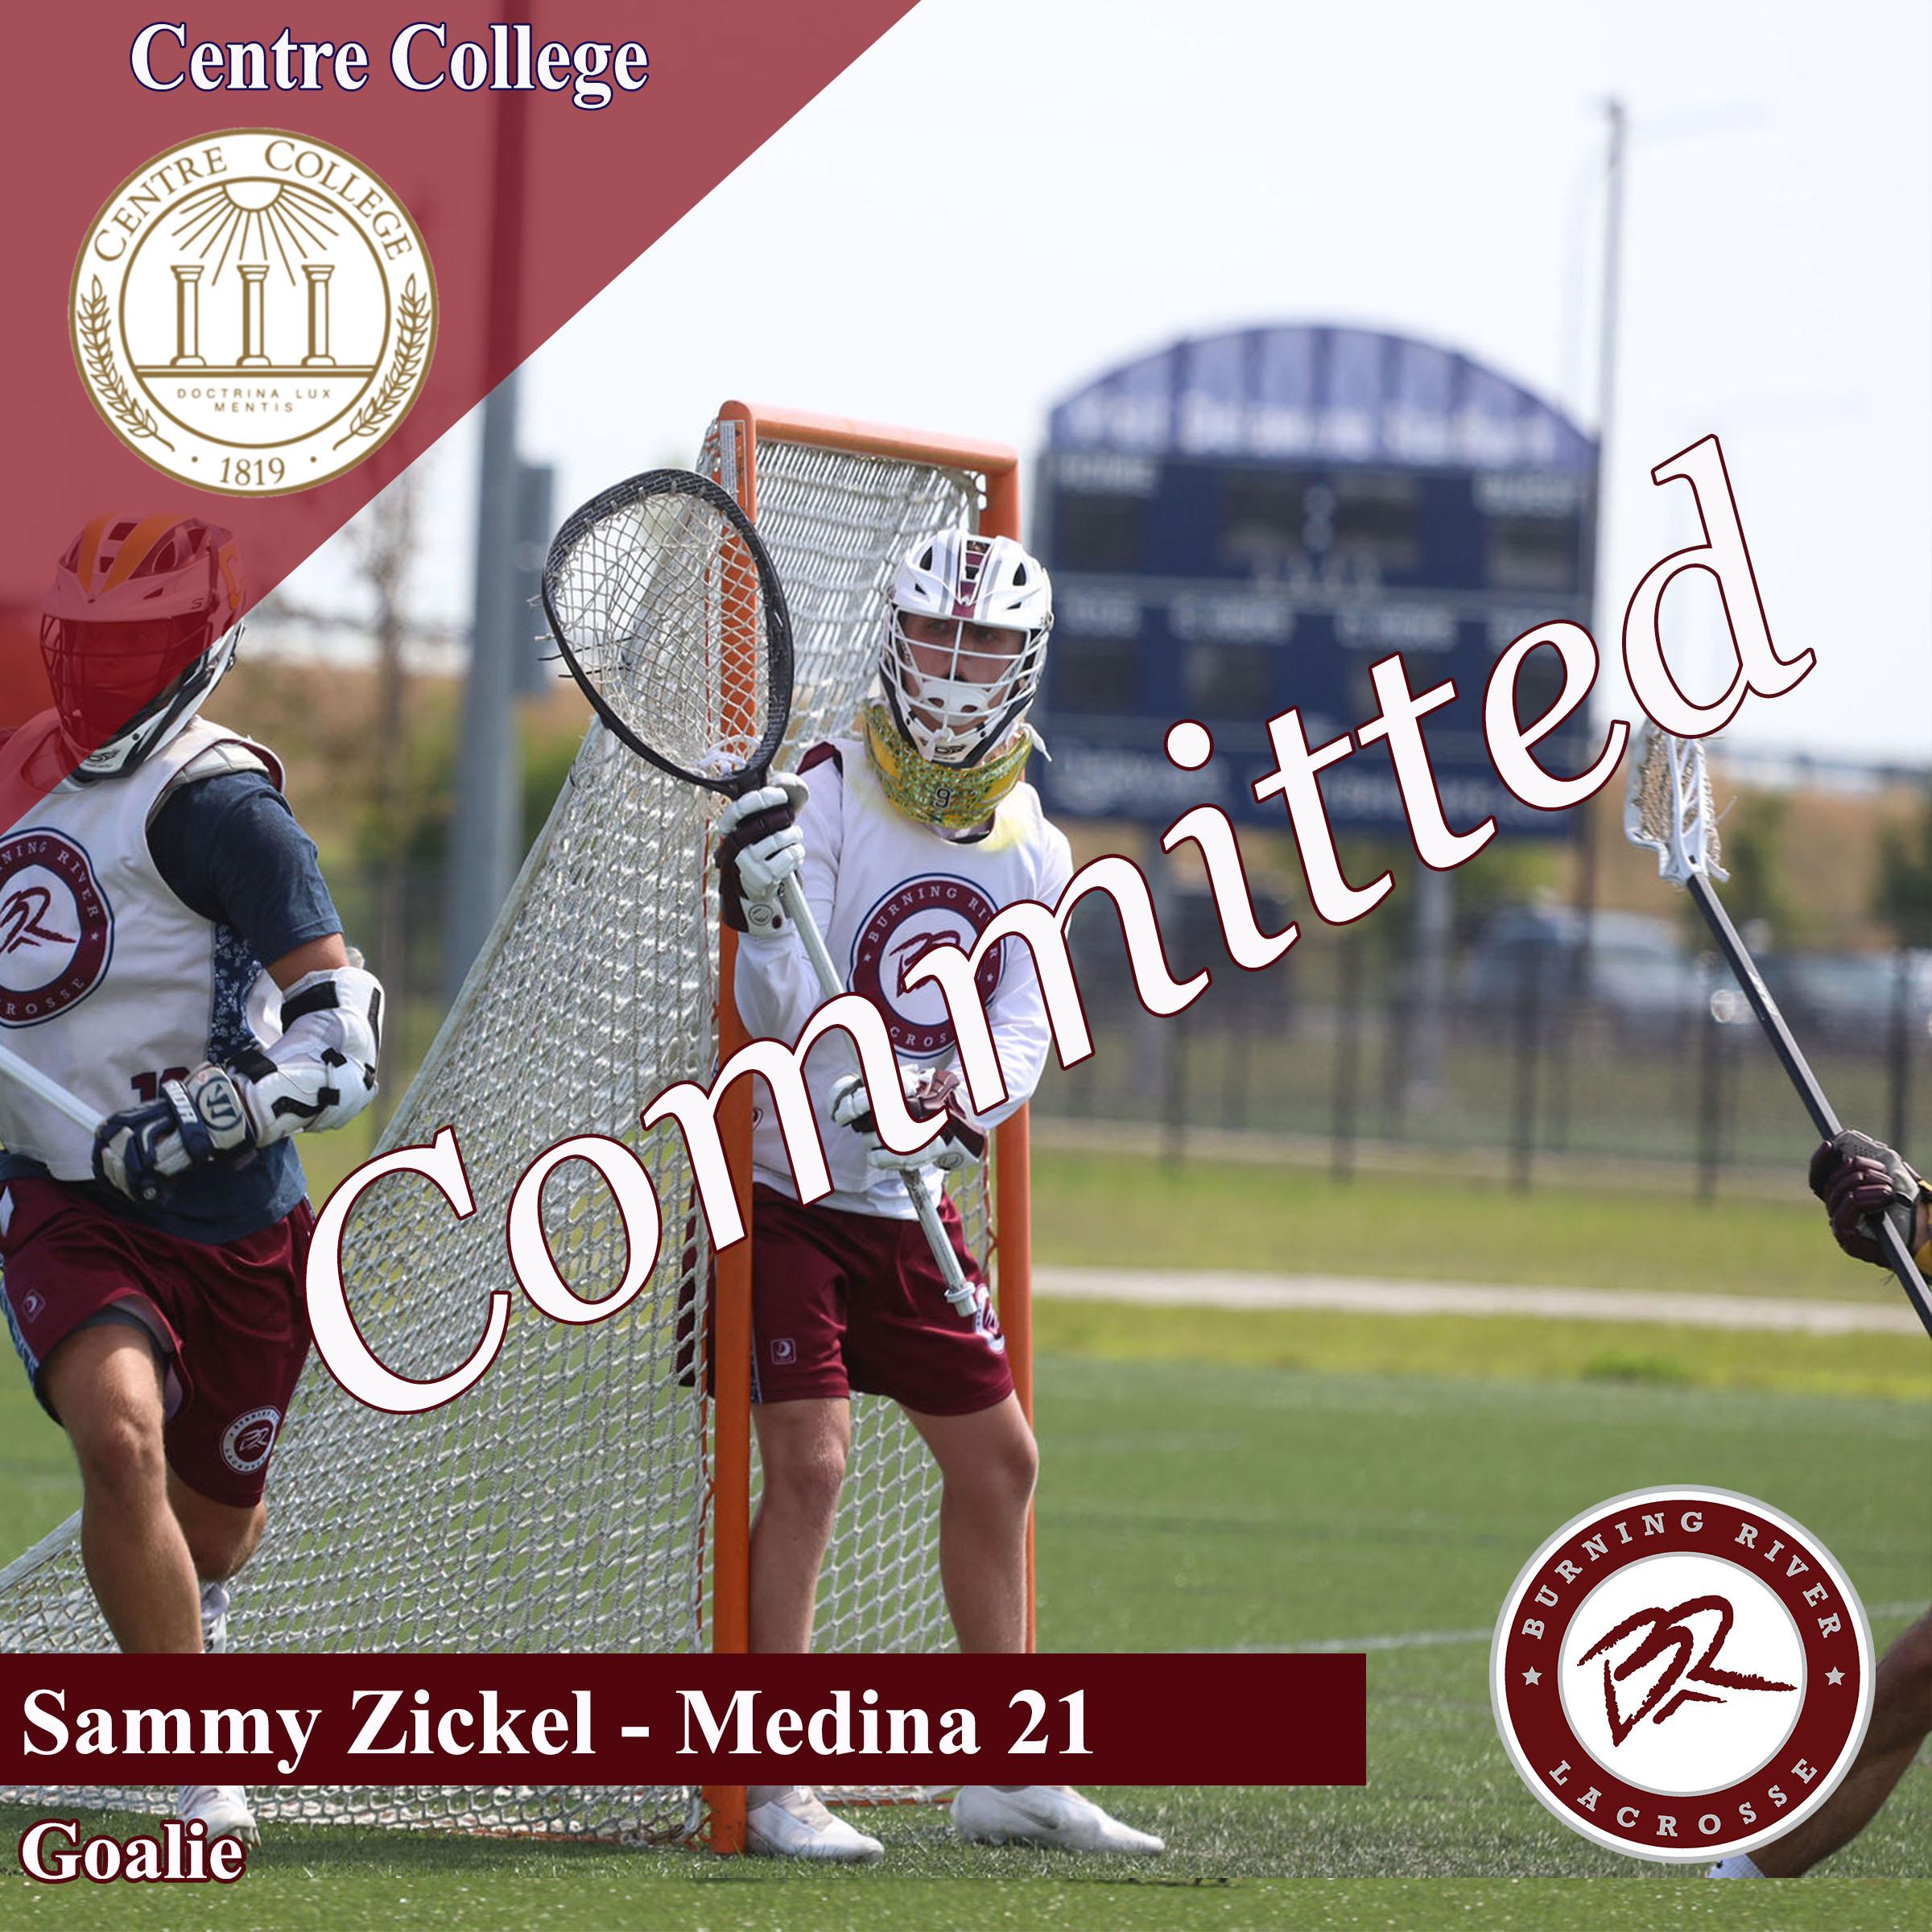 Sammy Zickel